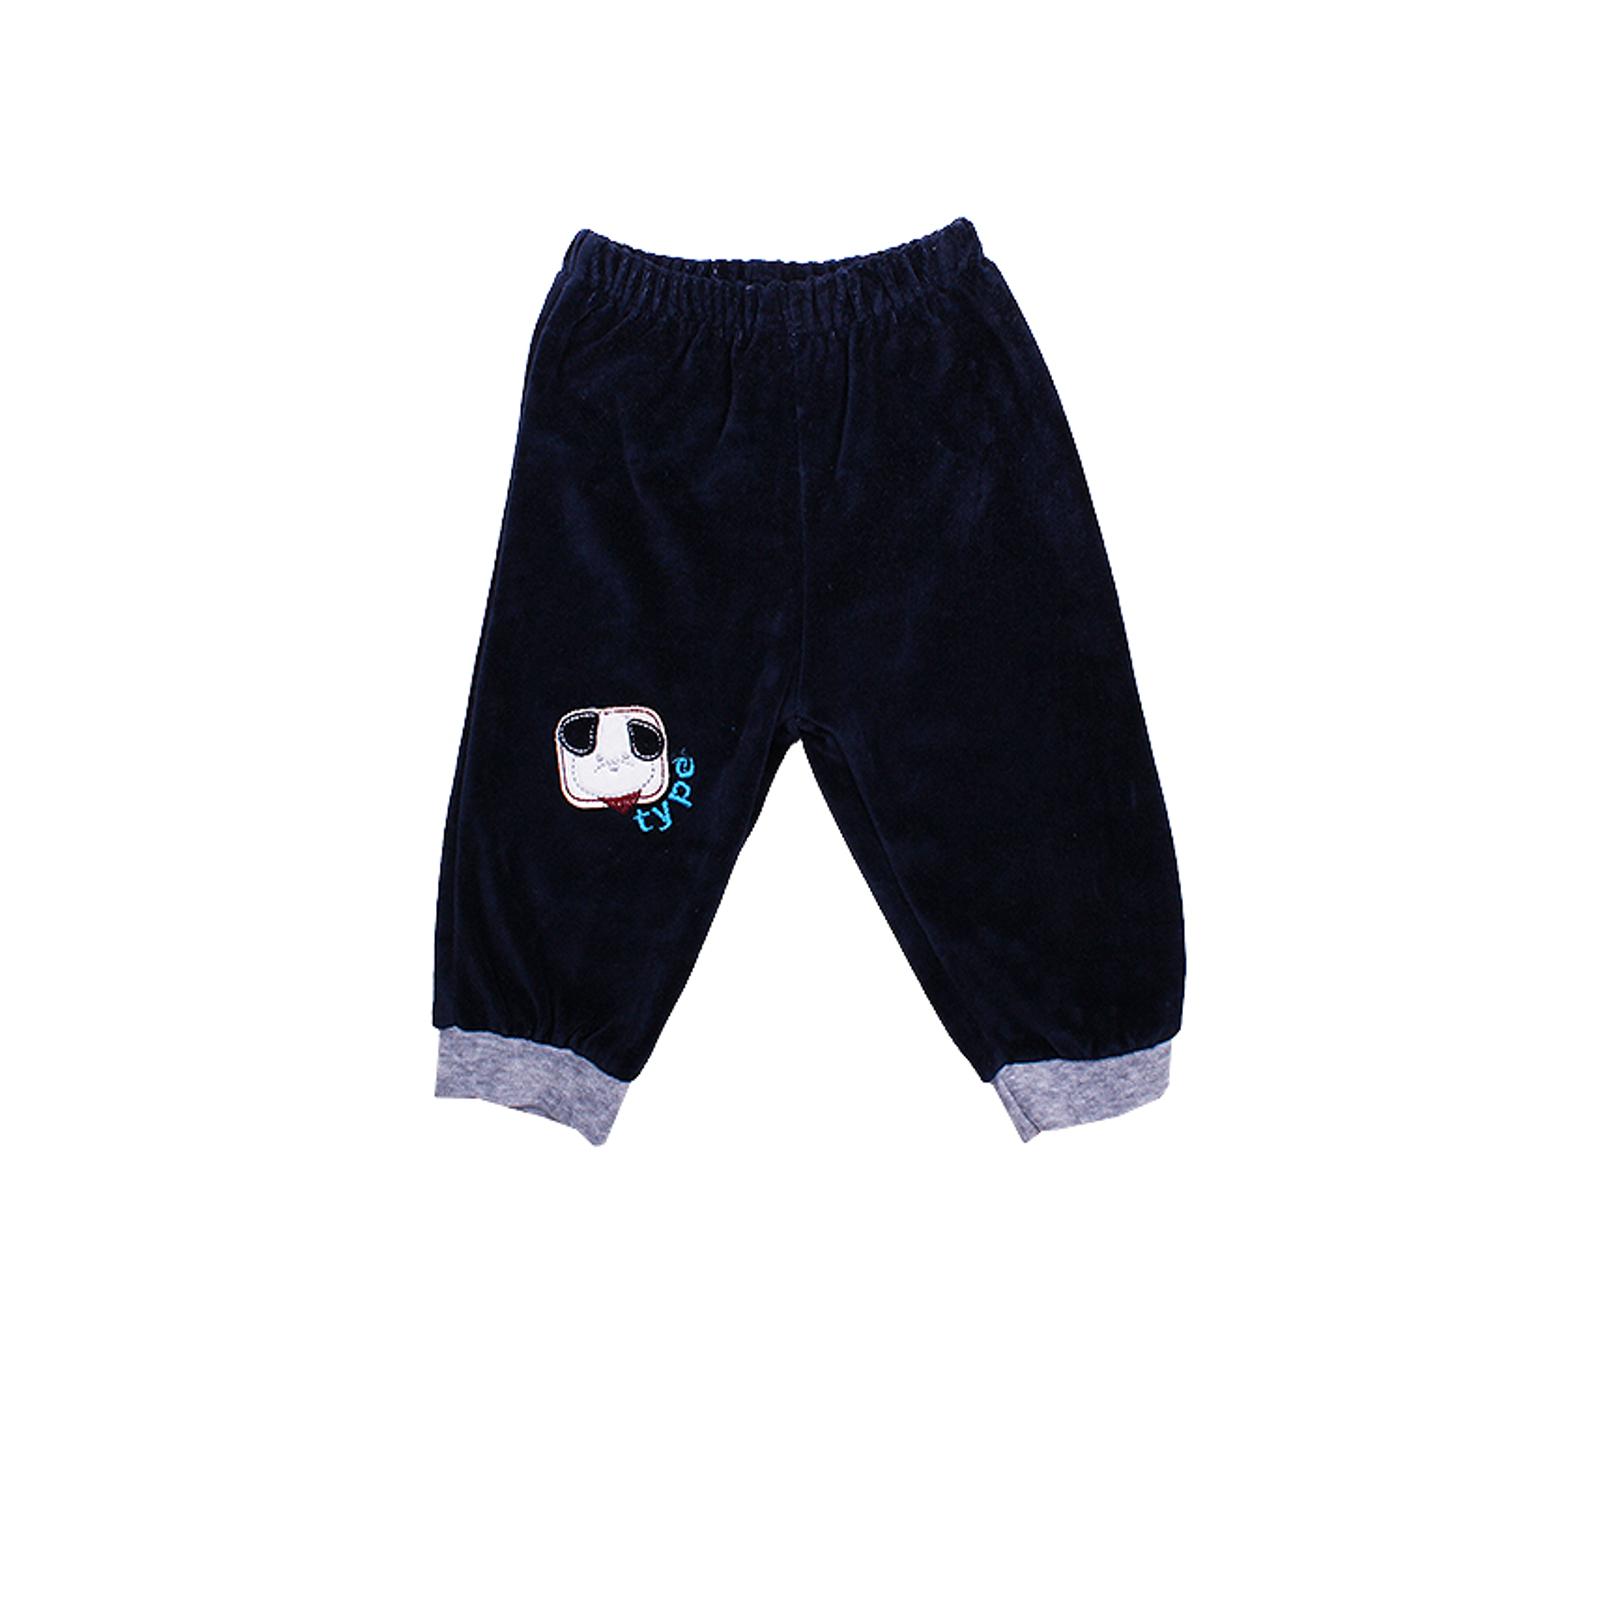 Комплект одежды Estella для мальчика, брюки, толстовка, цвет - Синий Размер 68